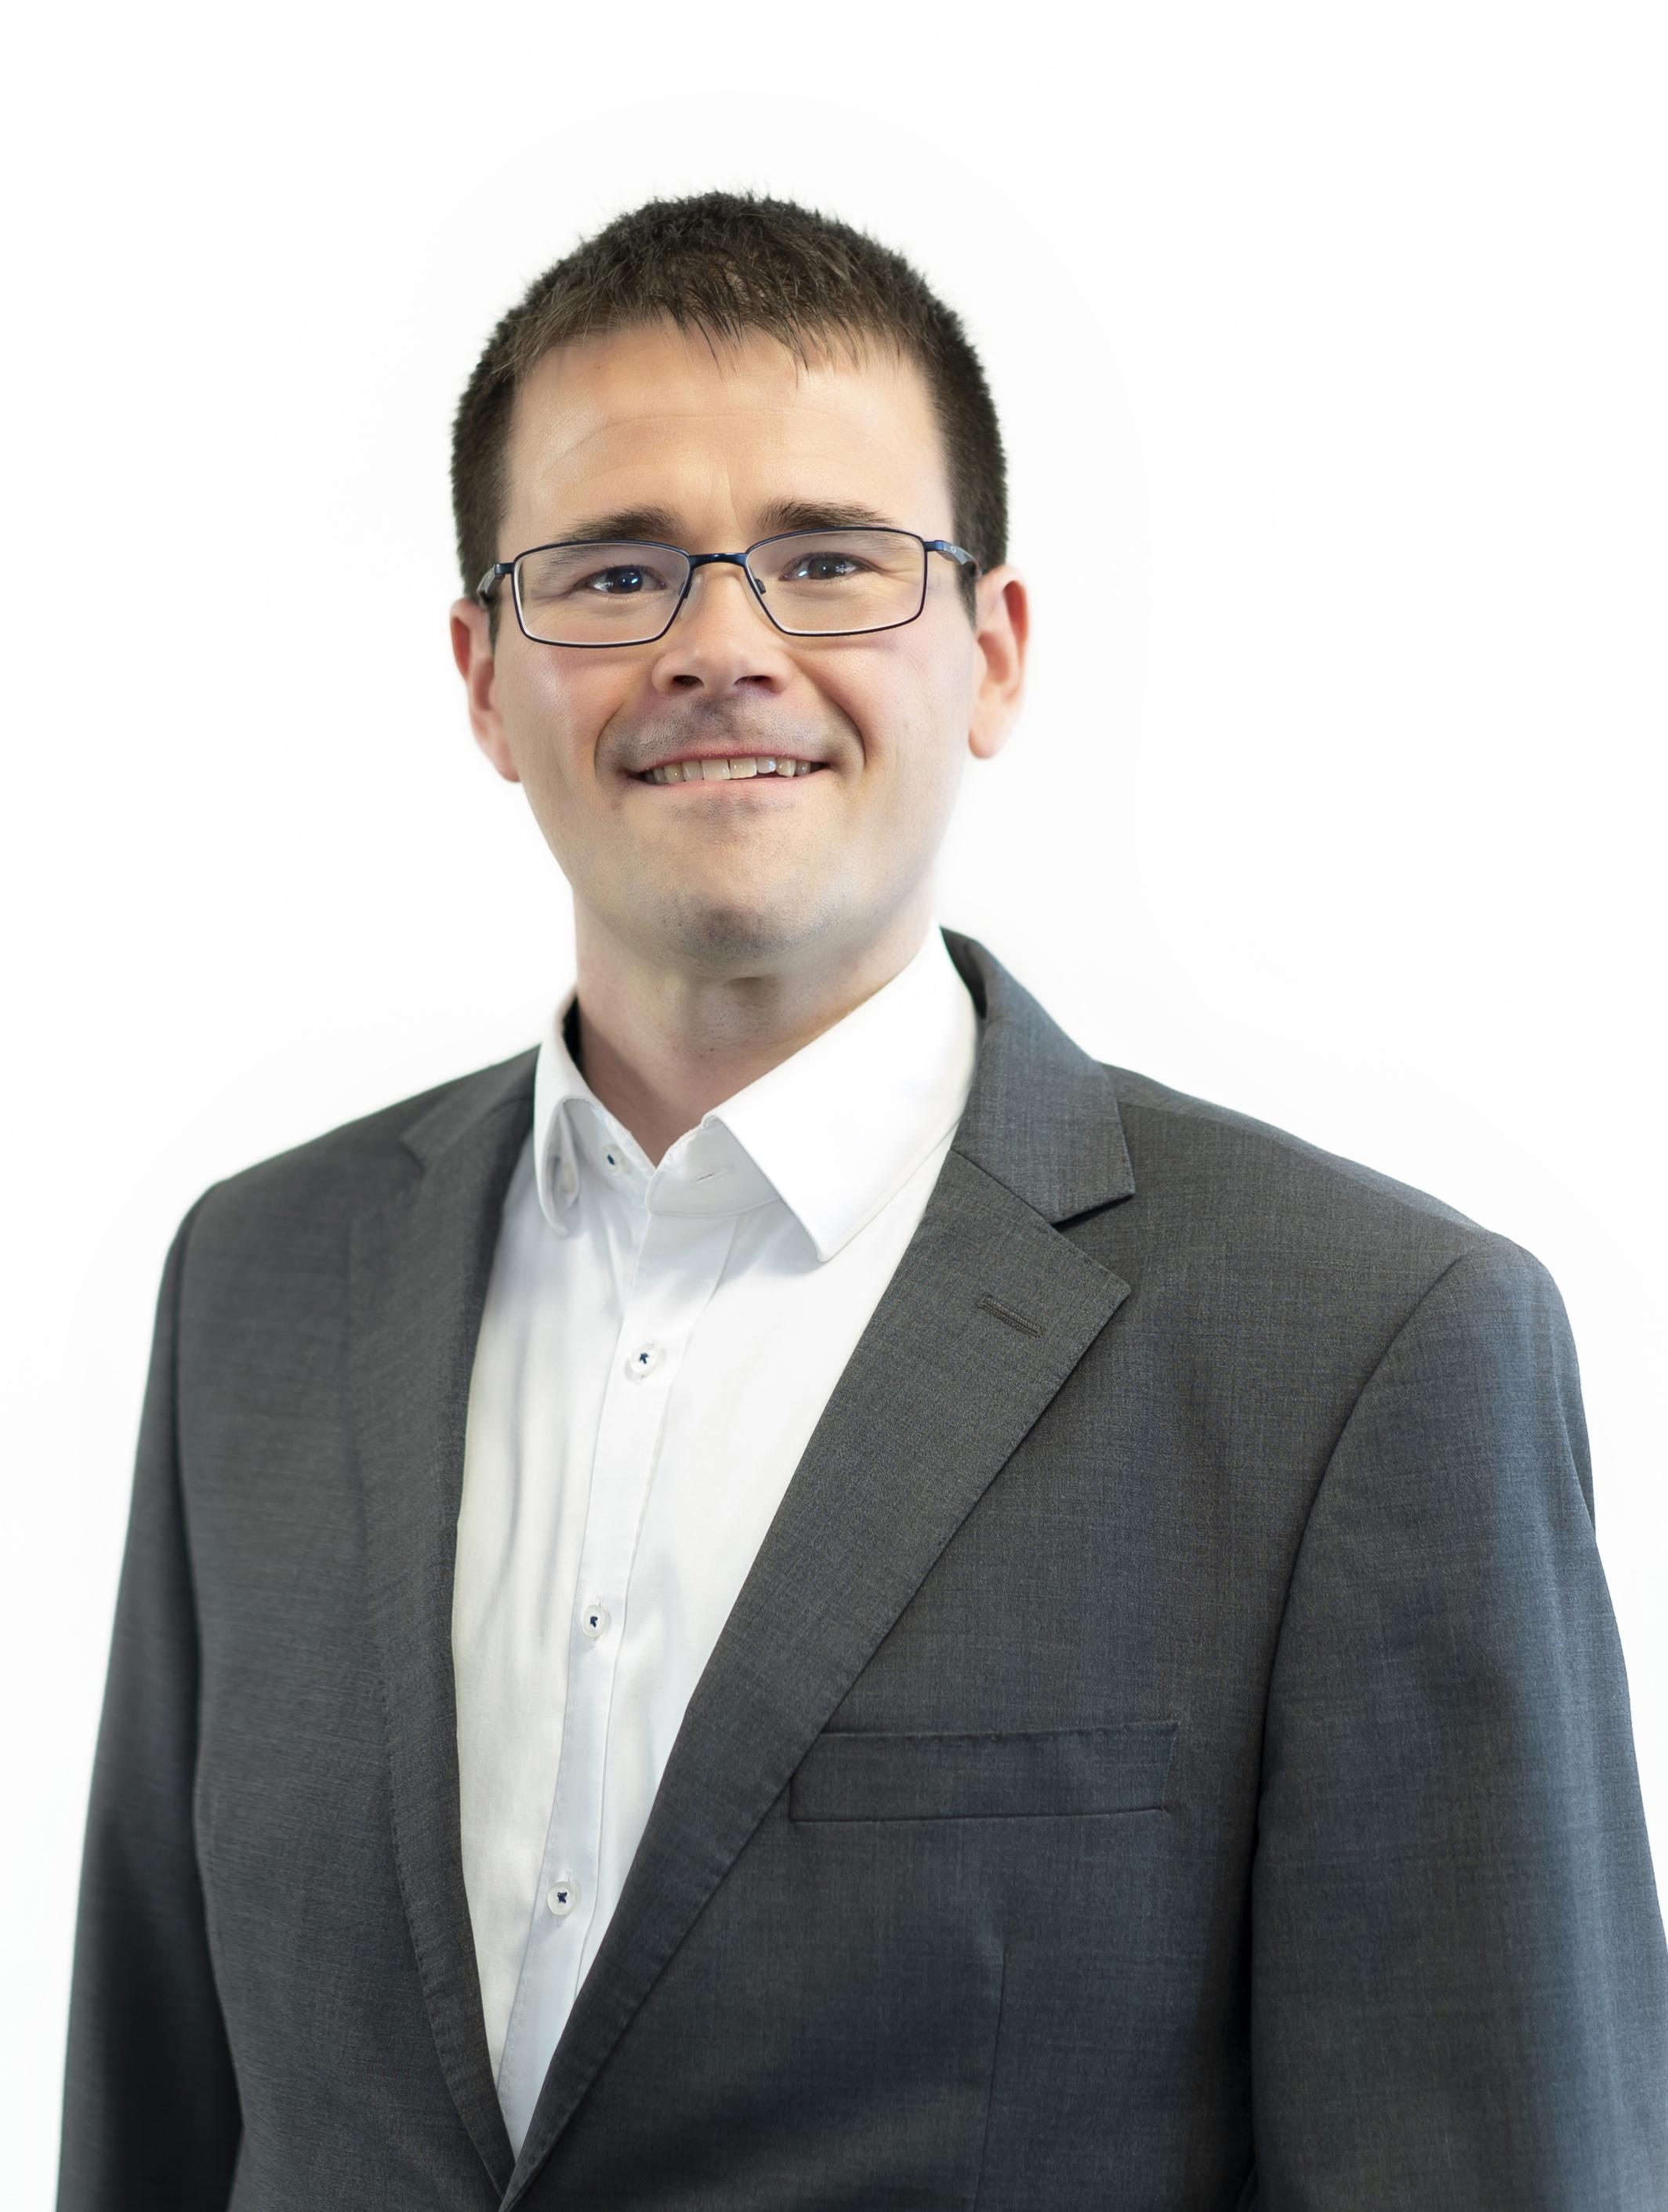 Stefan single oberkochen